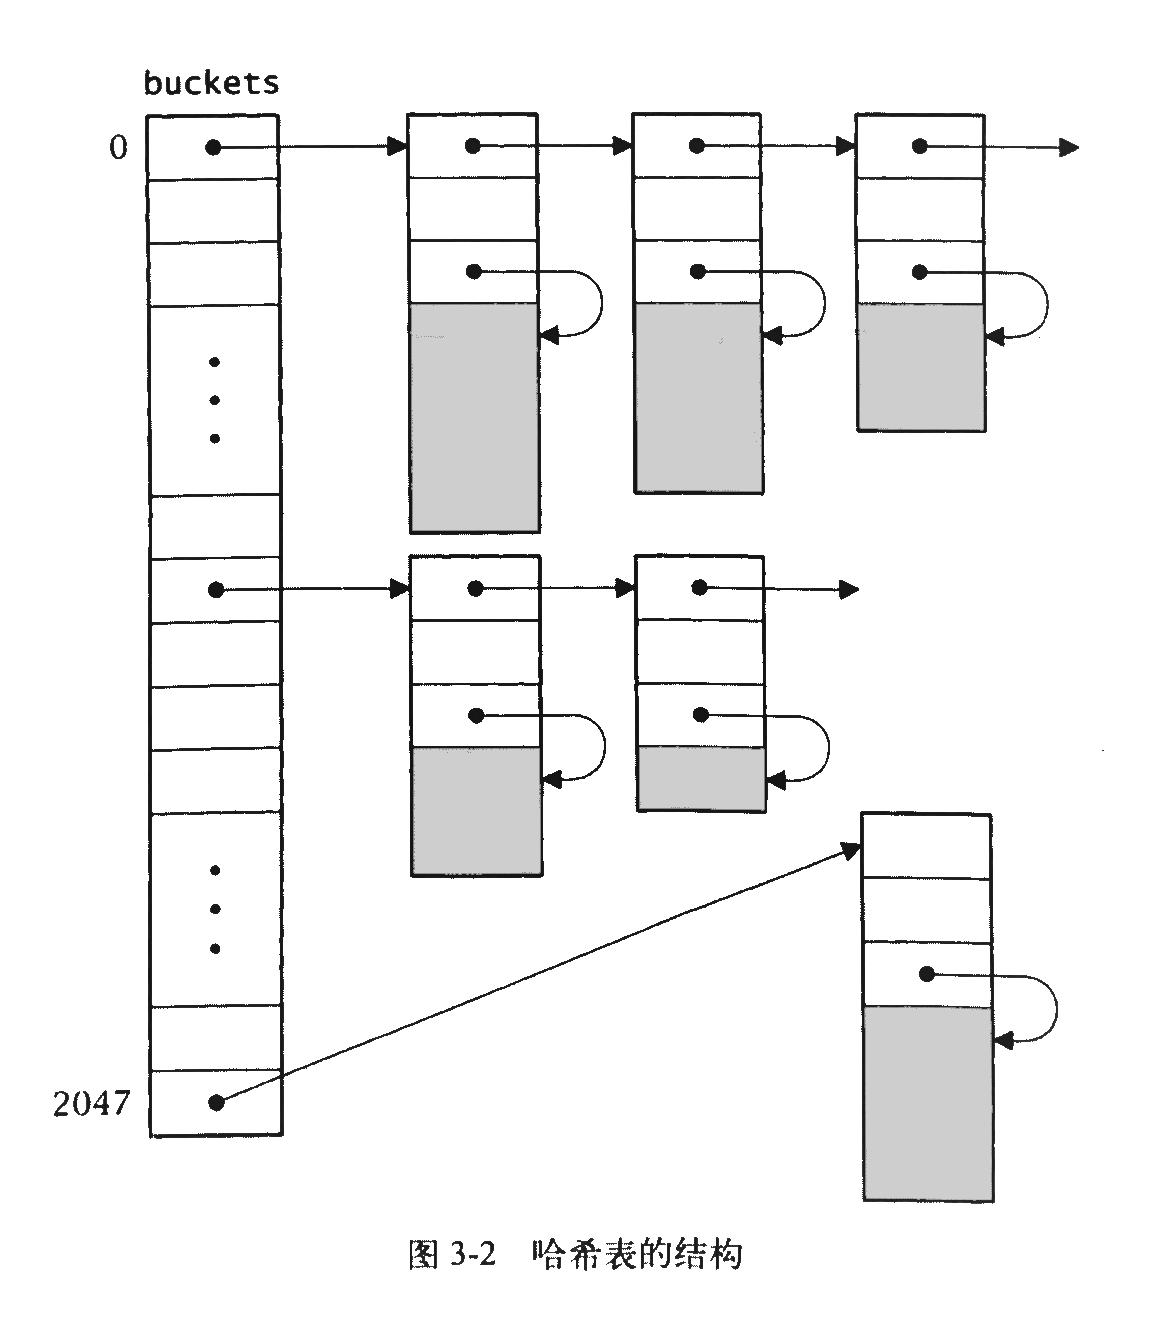 图1 哈希表